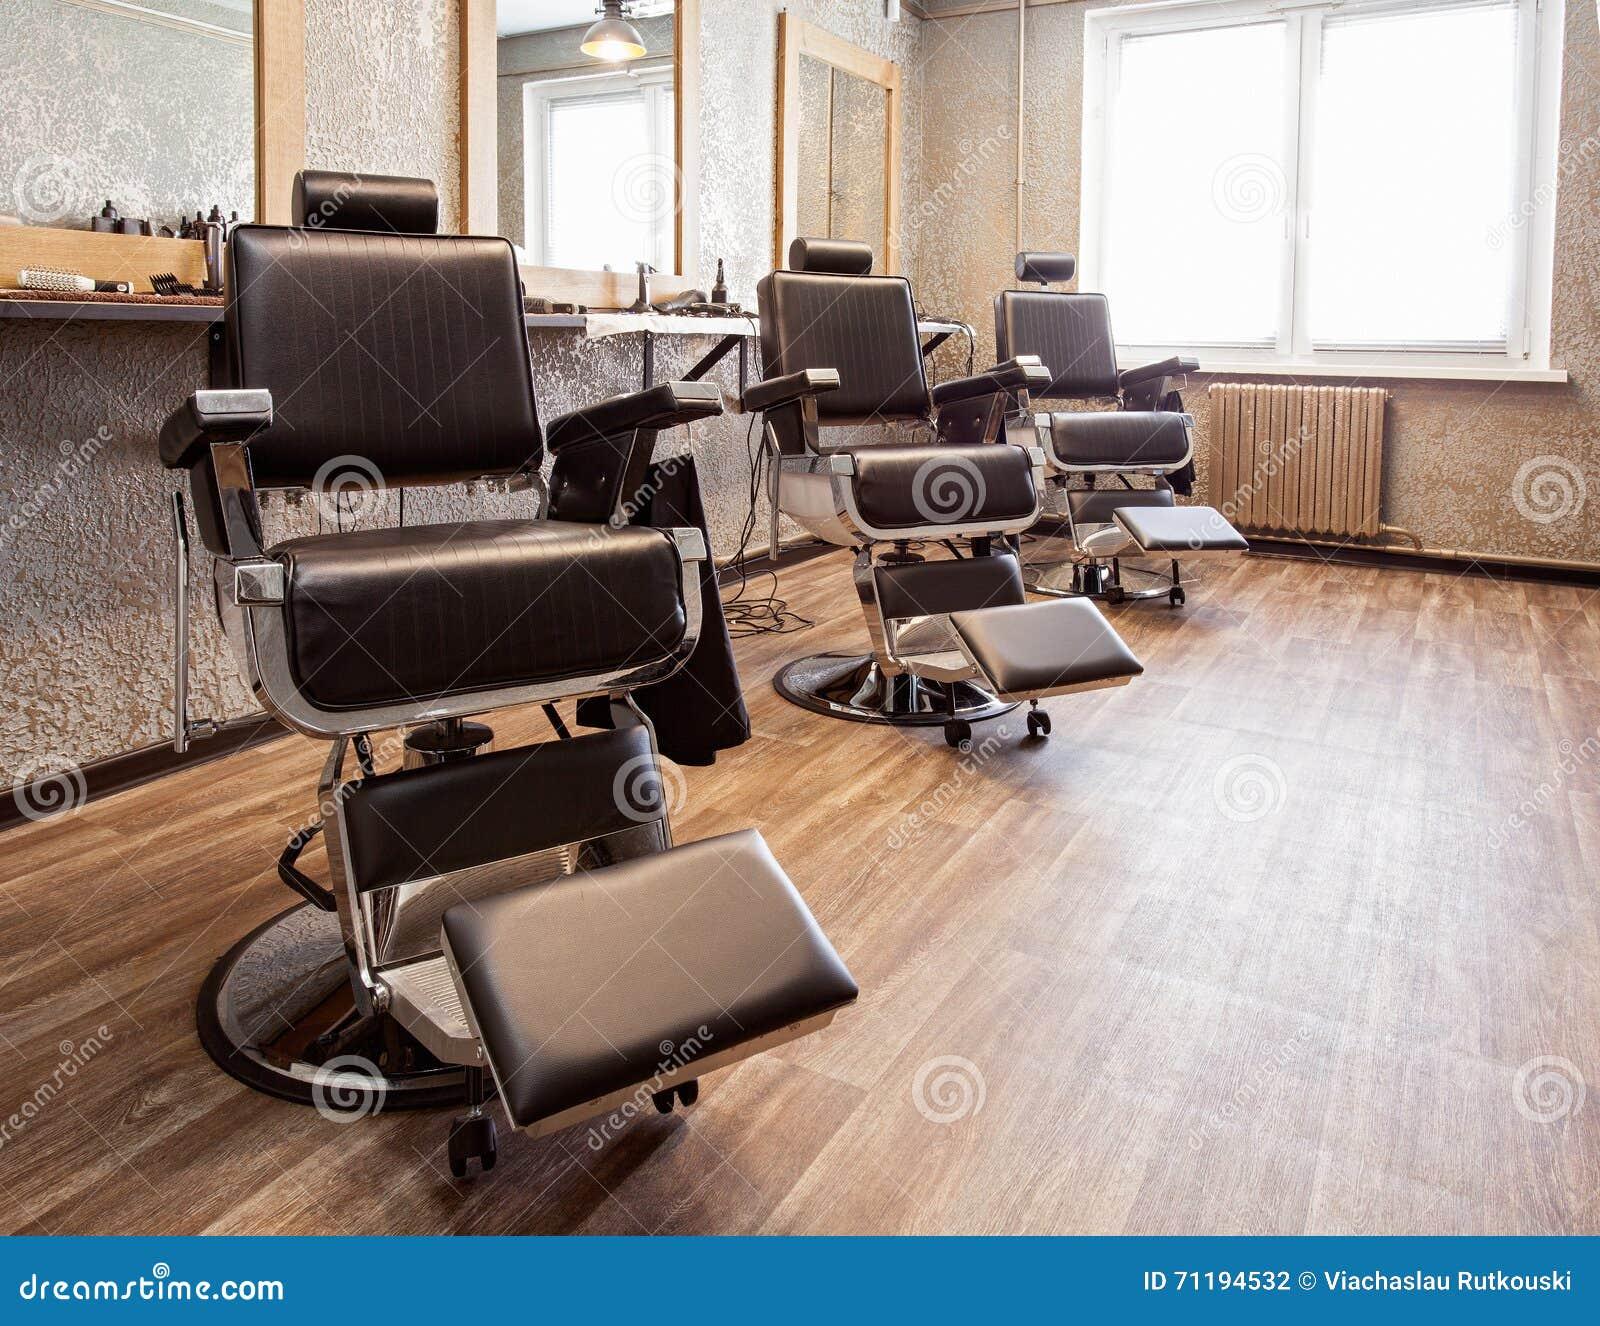 Wnętrze zakład fryzjerski